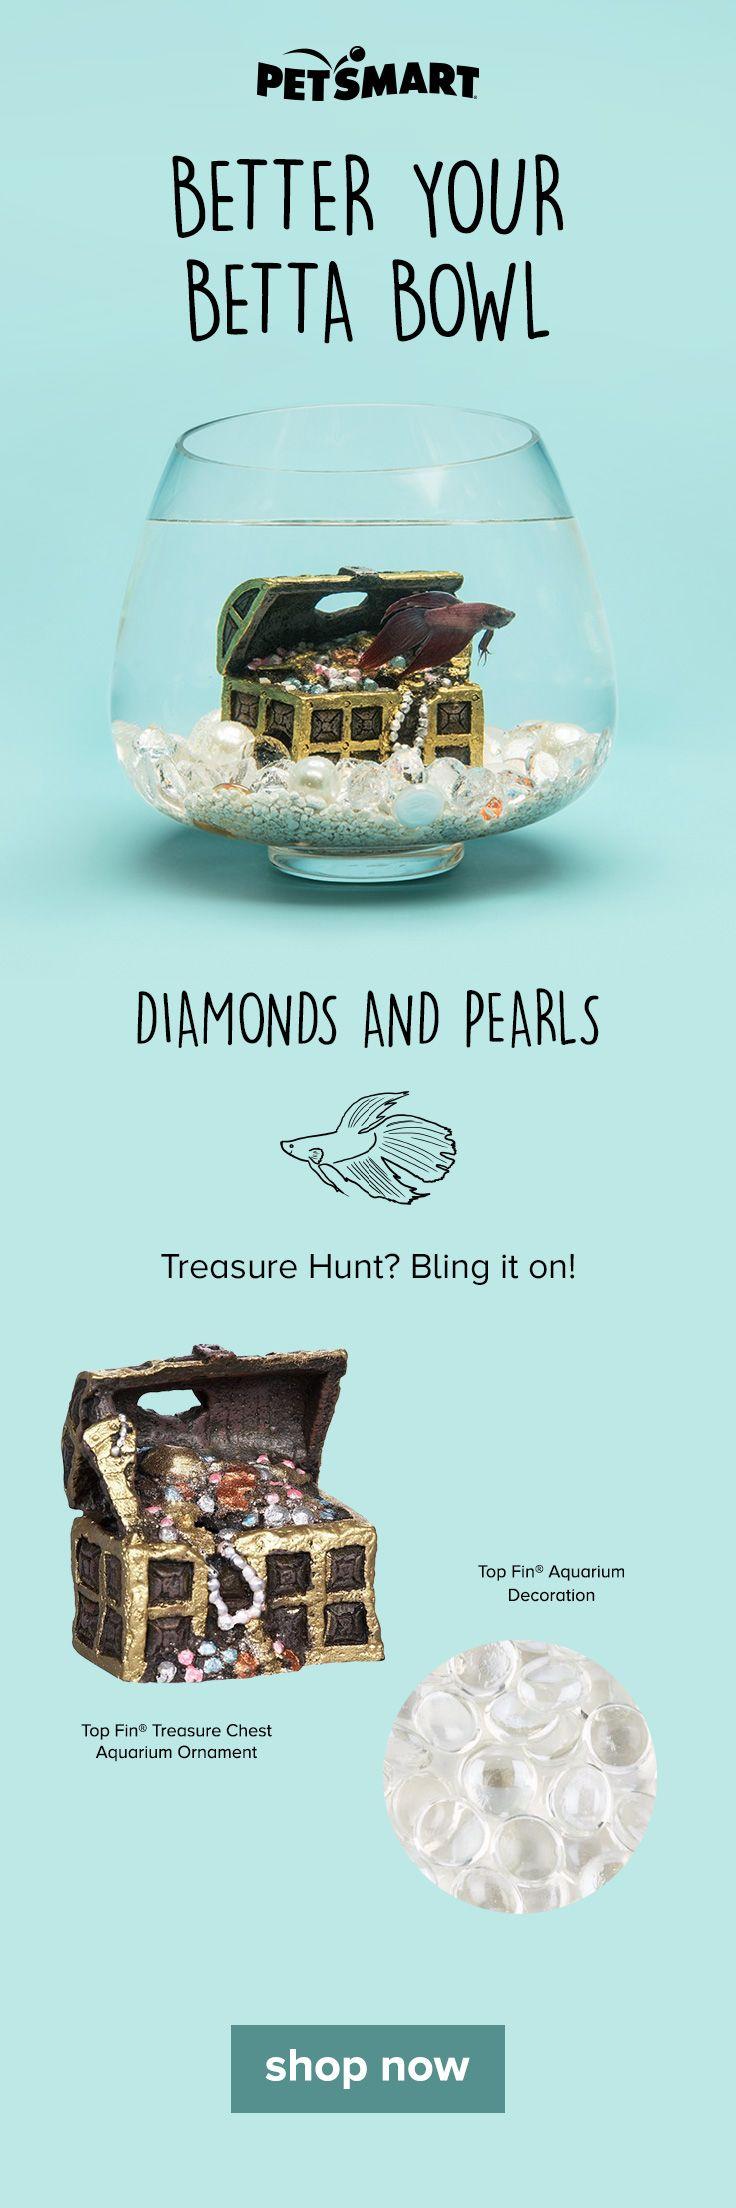 Freshwater fish for aquarium petsmart - Top Fin Treasure Chest Aquarium Ornament At Petsmart Shop All Fish Ornaments Online